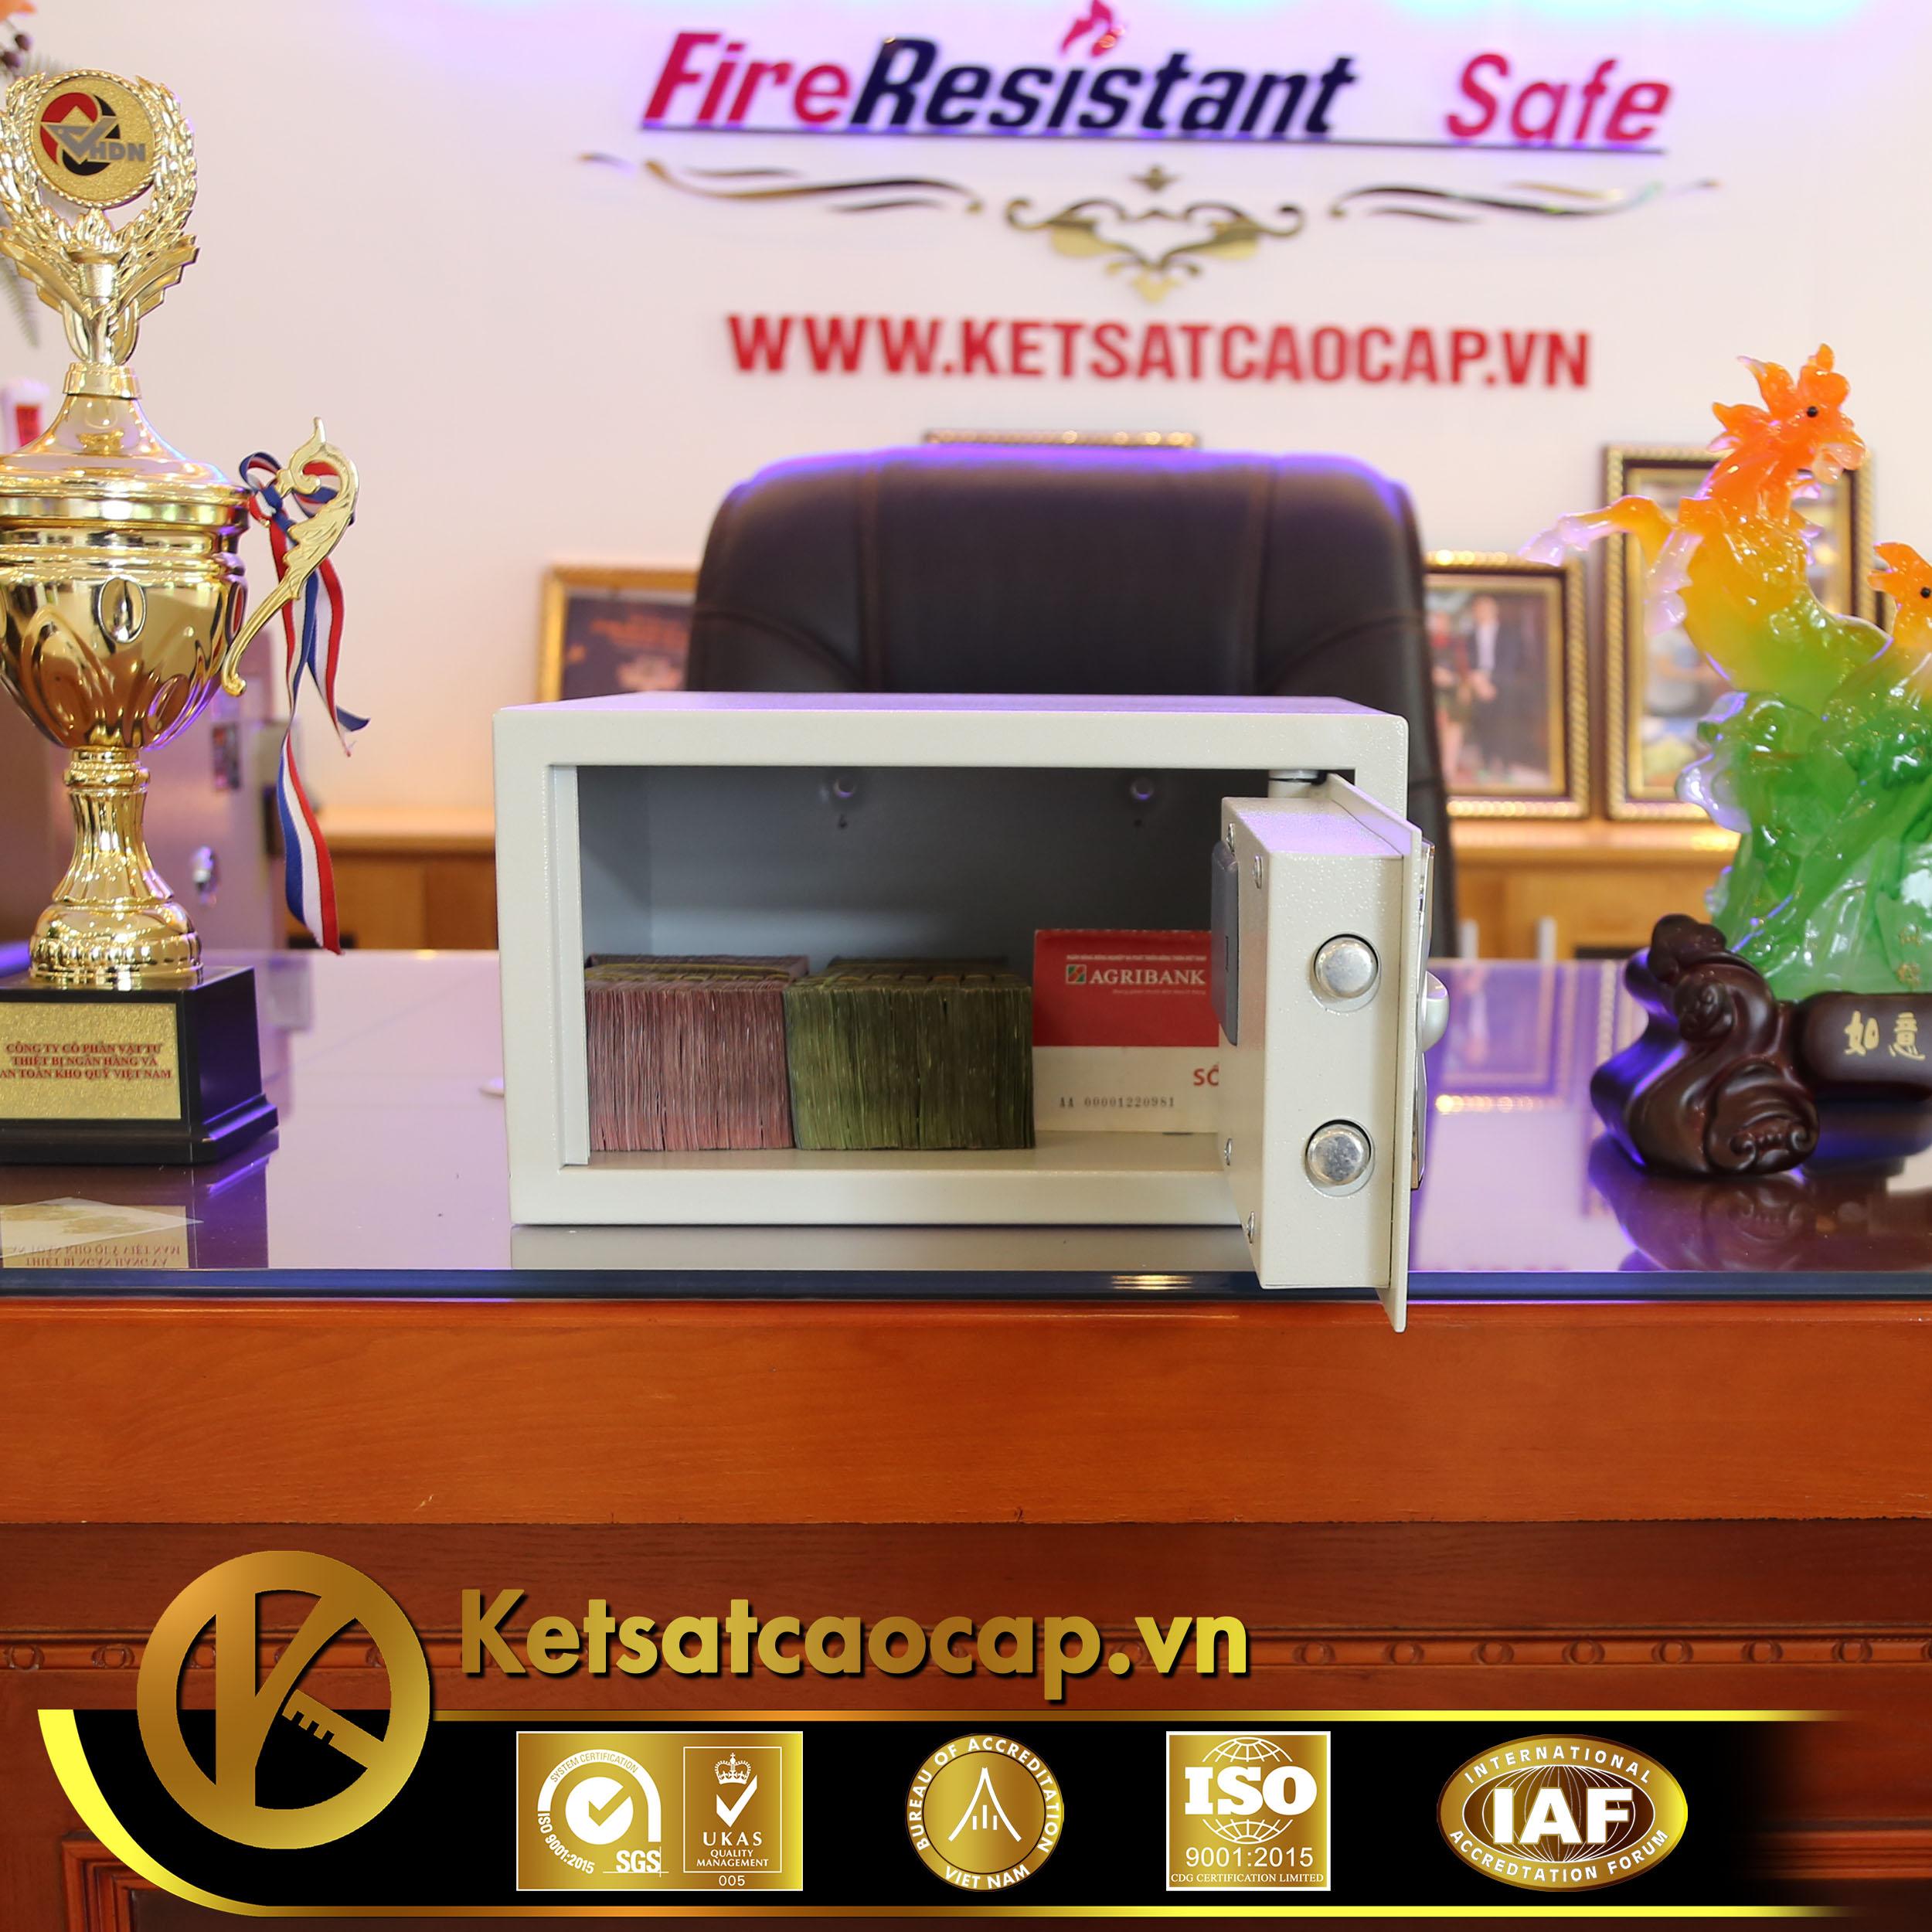 đặc điểm sản phẩm Két sắt khách sạn KS38-EKT